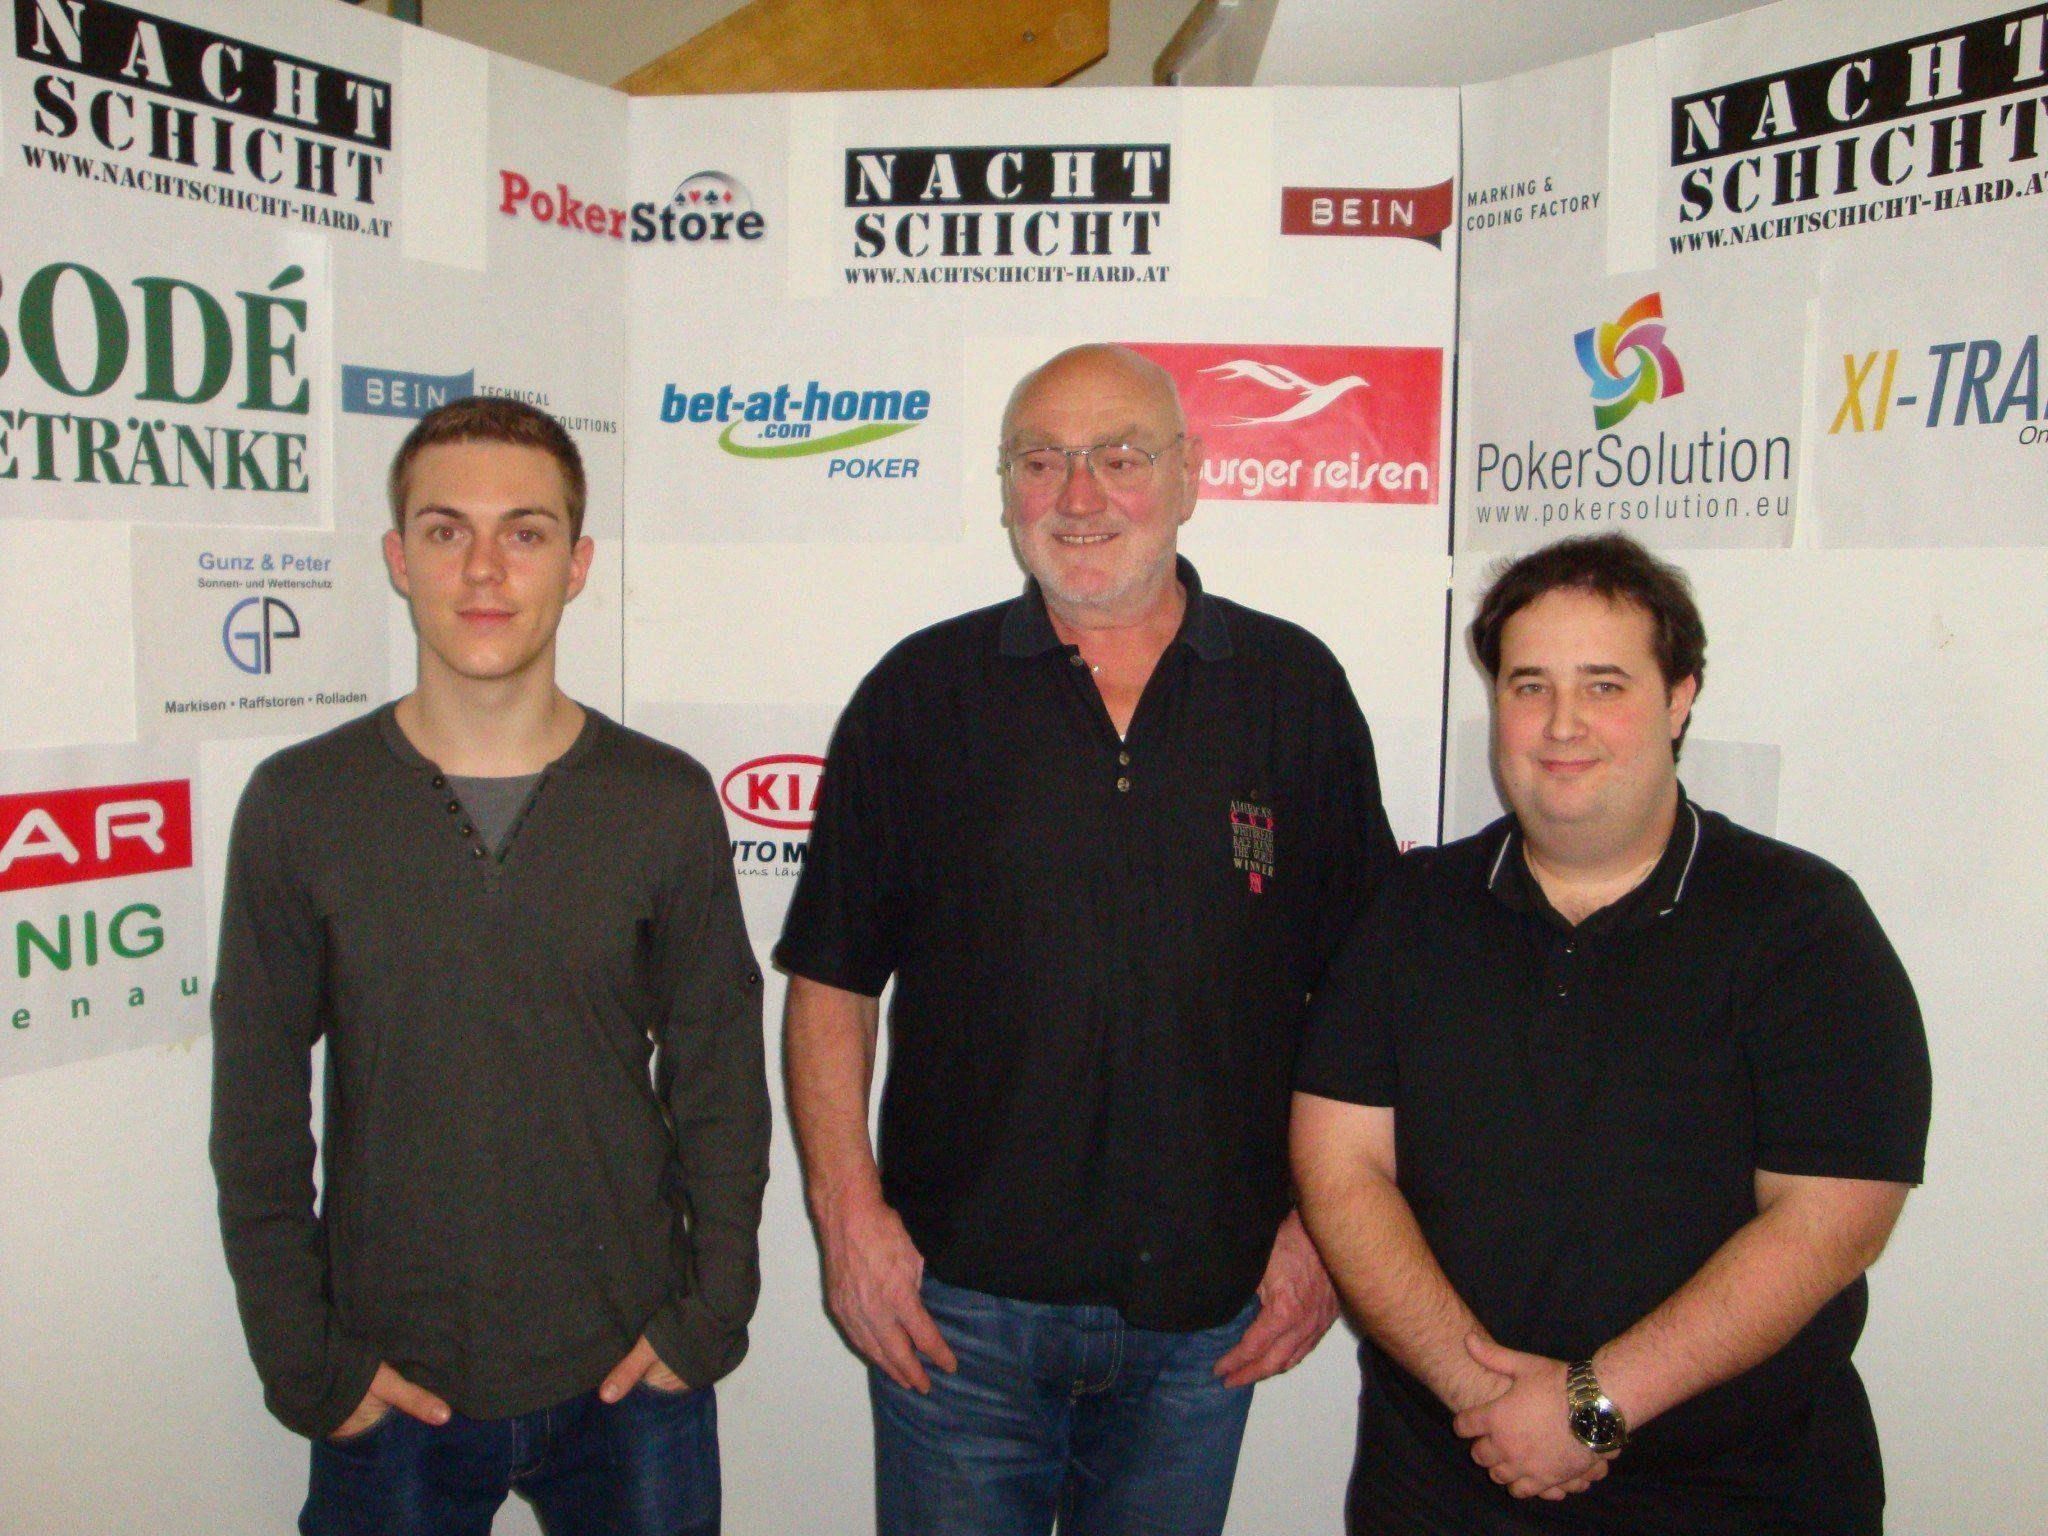 Das Siegerfoto (v.l.n.r.): Thomas Linher, Gerd Kirchberger und Martin Ferk